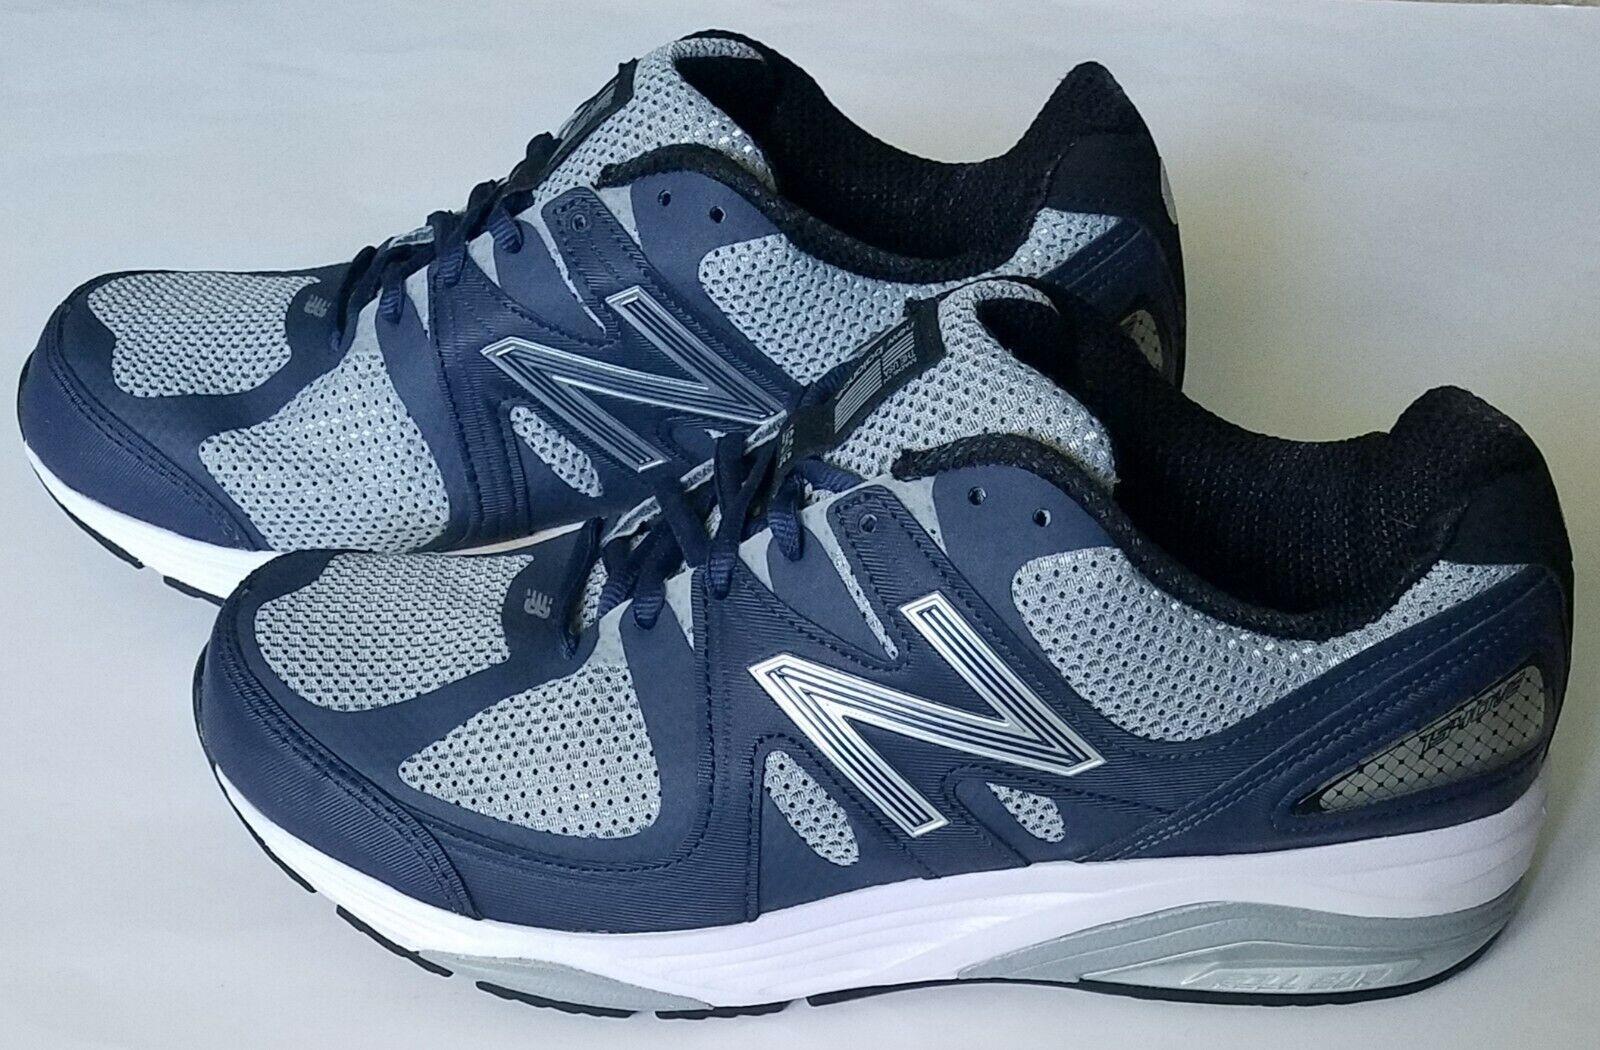 Nuevo balance masculino m1540nv2 gris   azul marino zapatos de correr, talla 9.5 (4E)